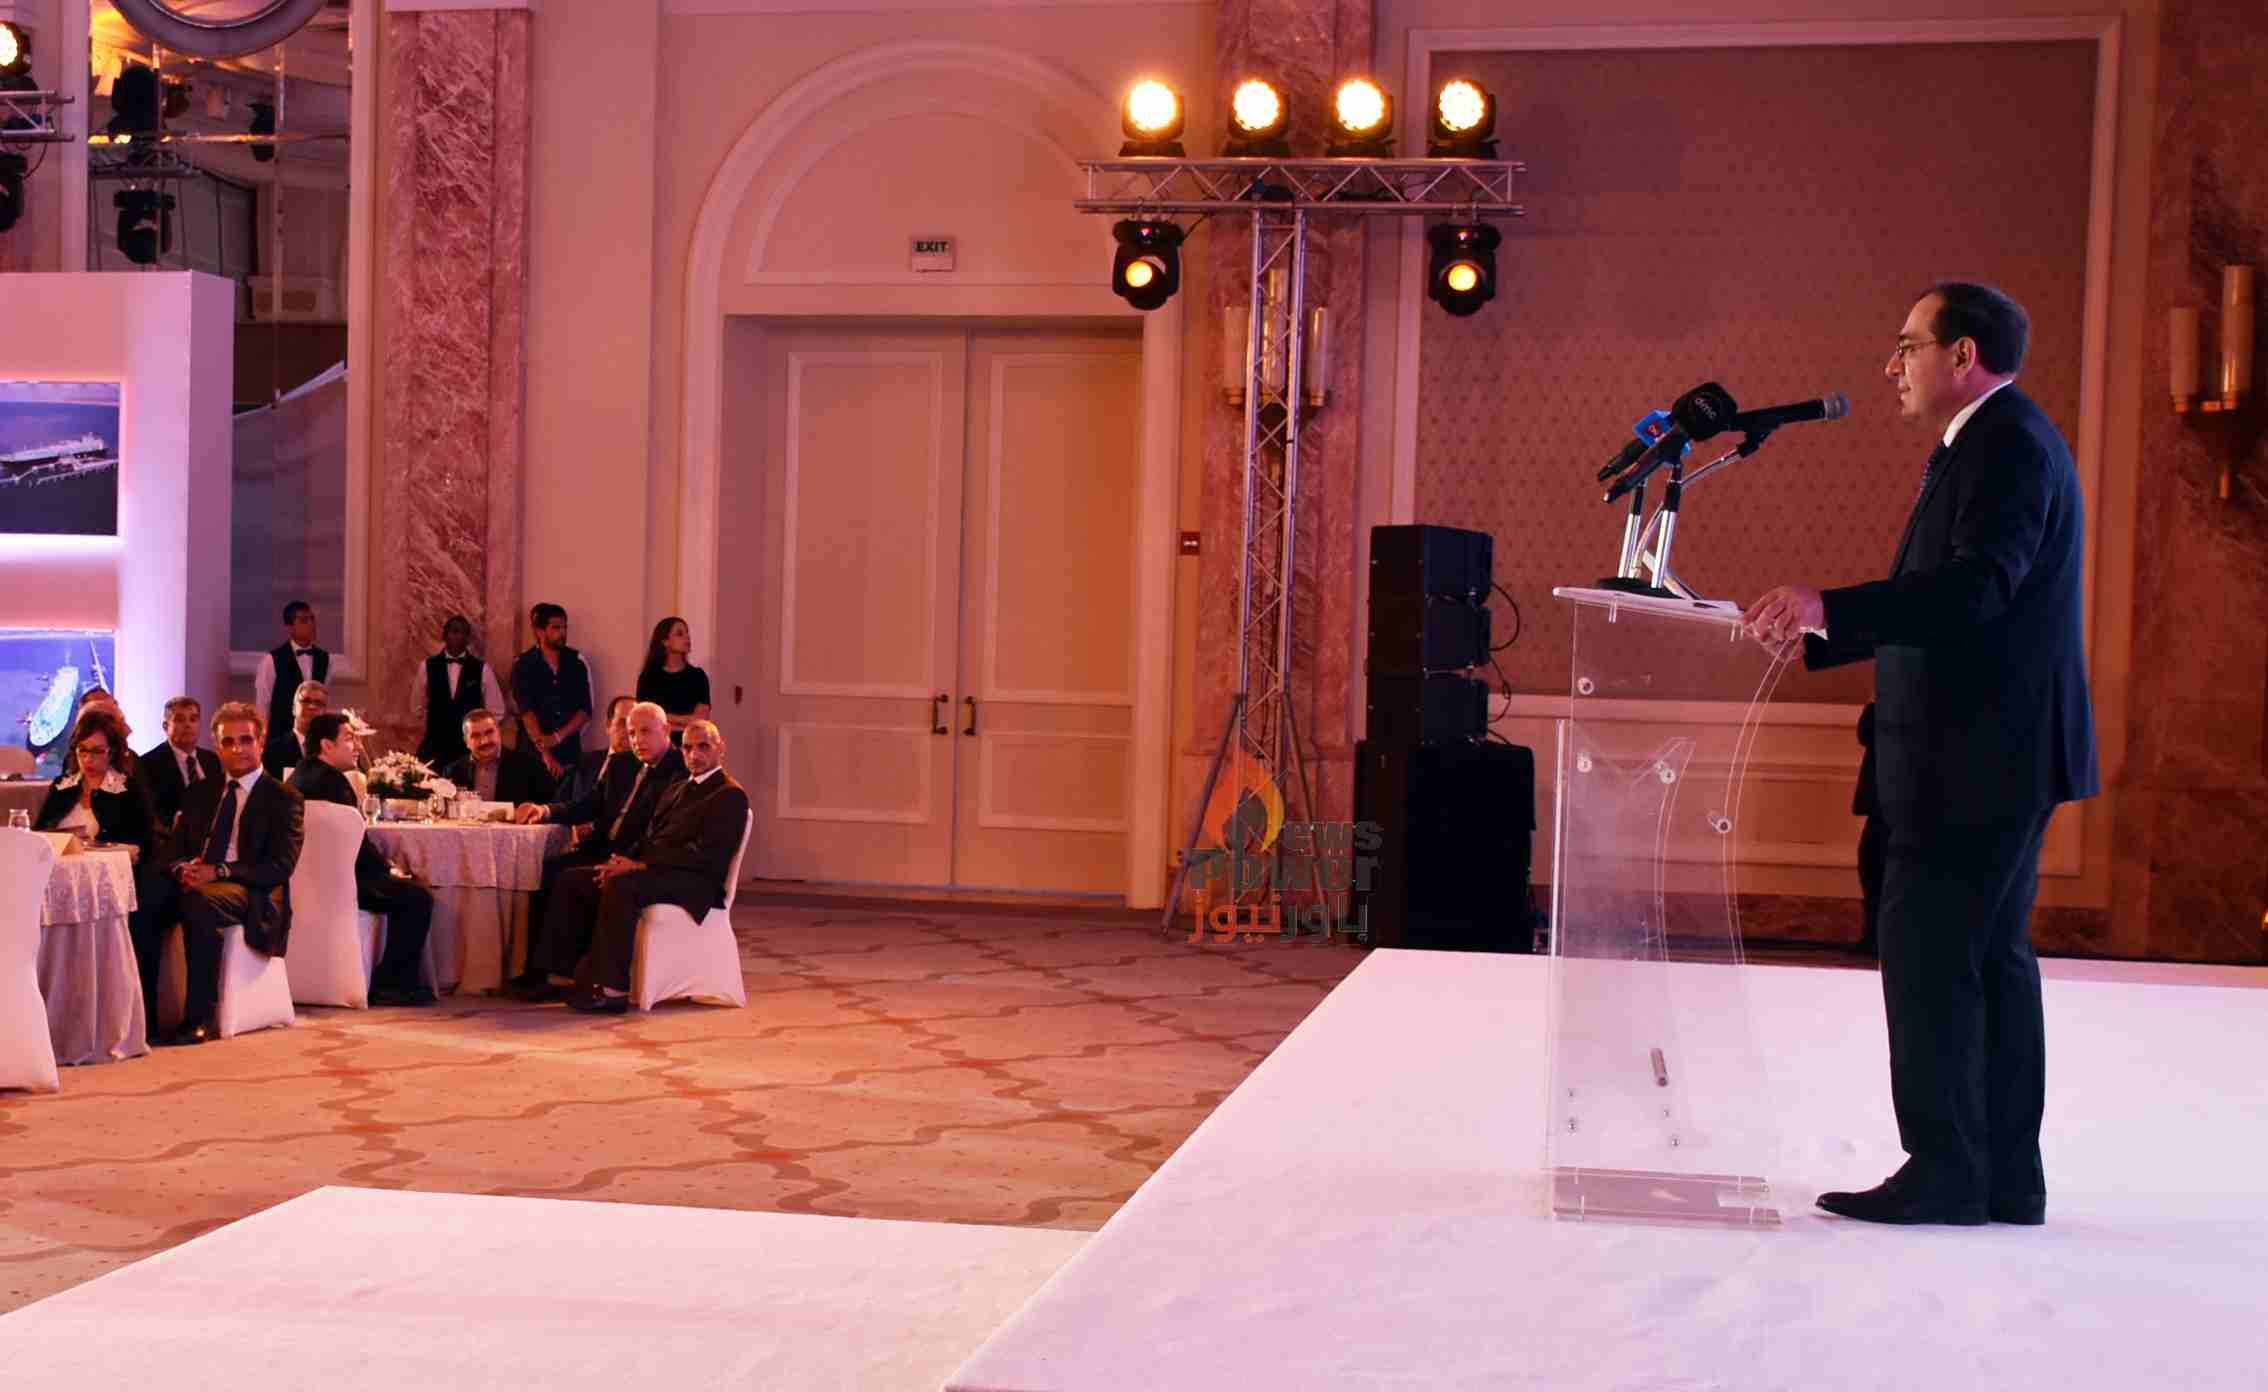 وزير البترول : مصنع اسالة الغاز بادكو من اهم المشاريع فى العالم وسيلعب دورا لصالح الاقتصاد المصرى مستقبلا